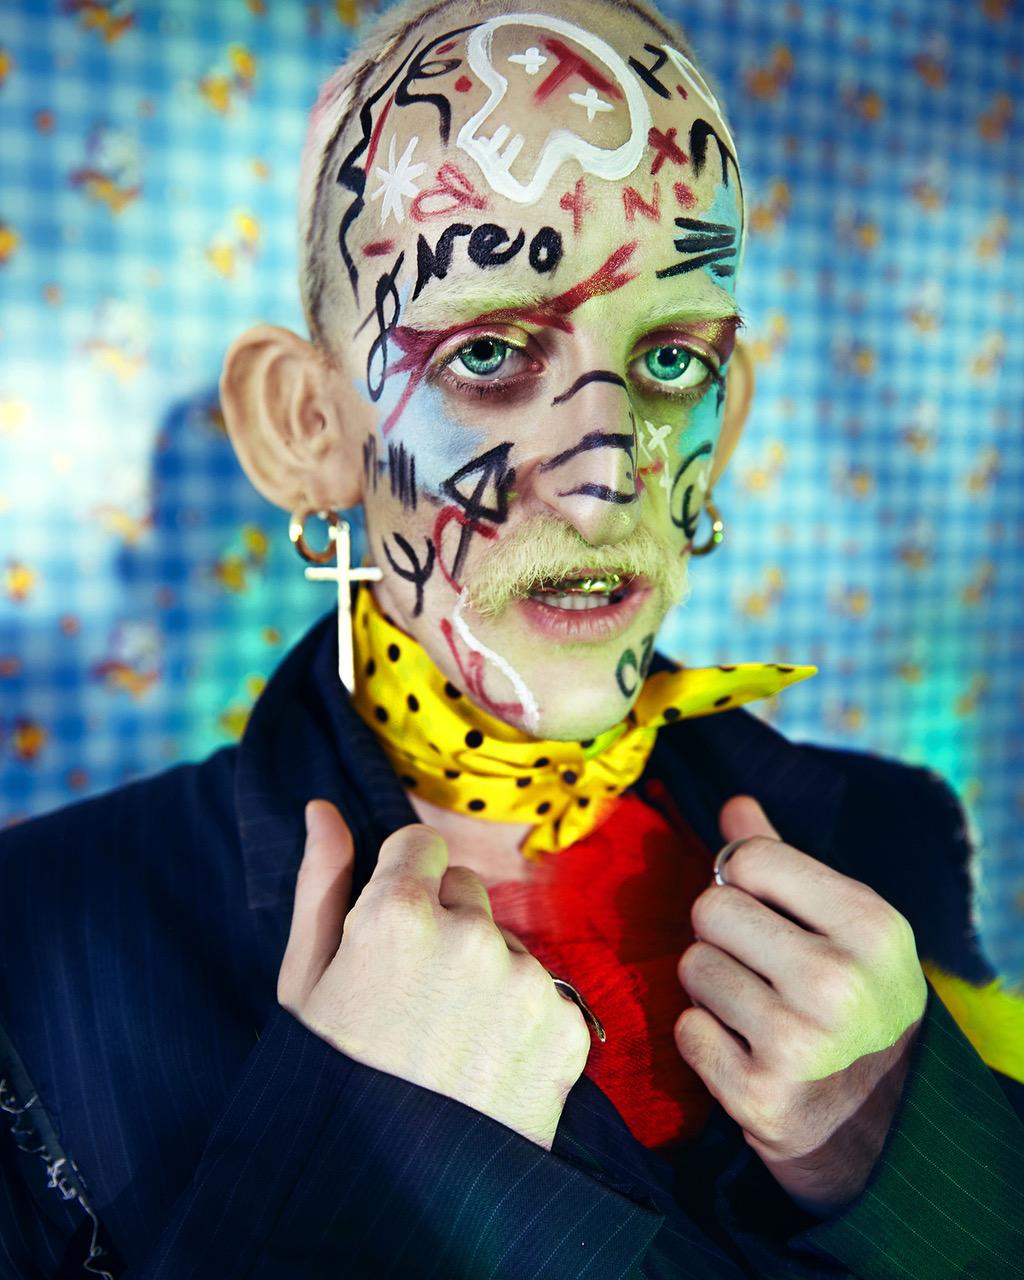 Rings - Peter Said | Earrings - Model's own | Suit - Custom Neocamp